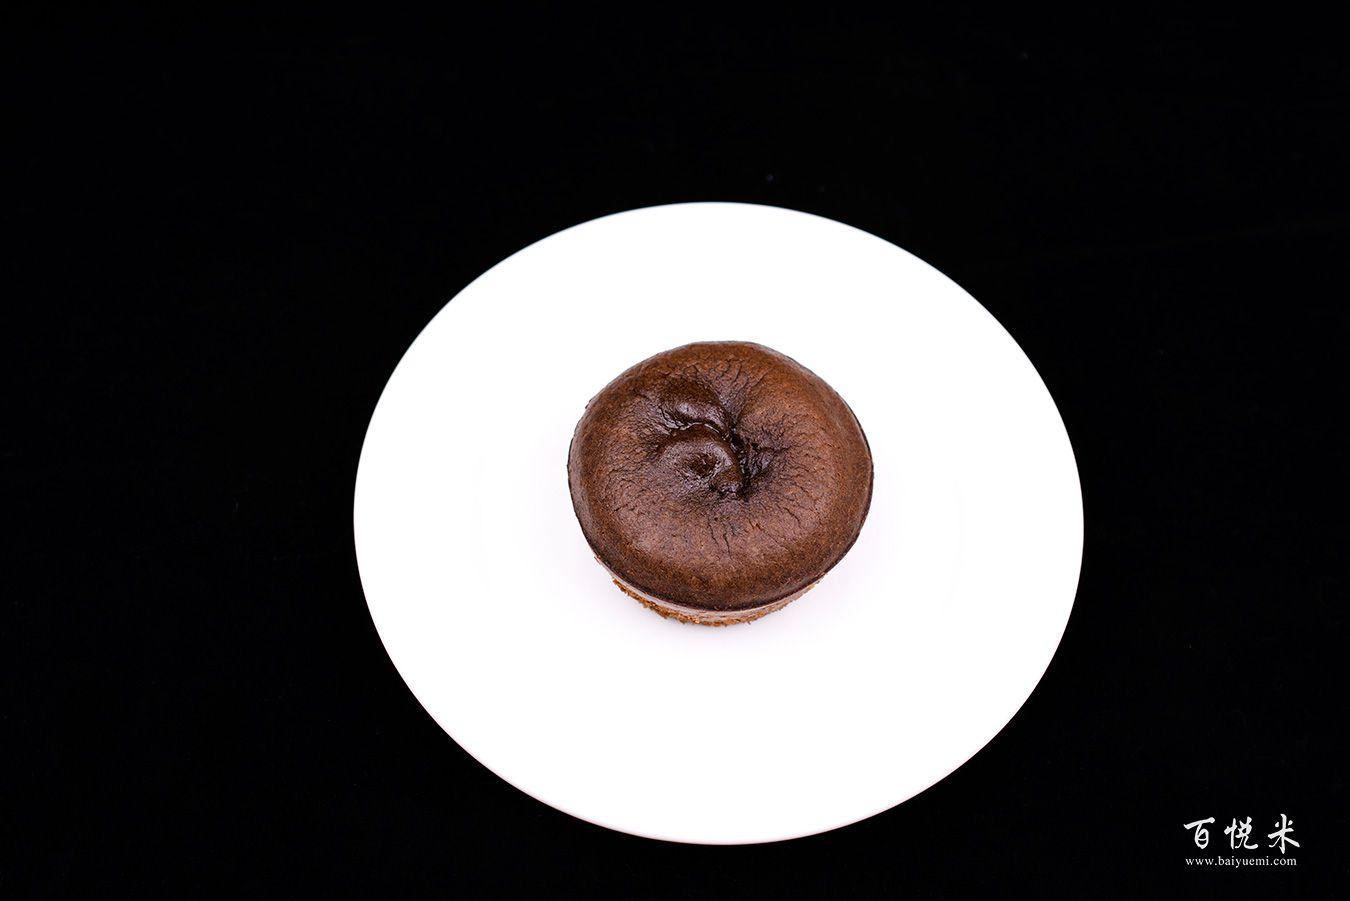 巧克力熔岩蛋糕高清图片大全【蛋糕图片】_836